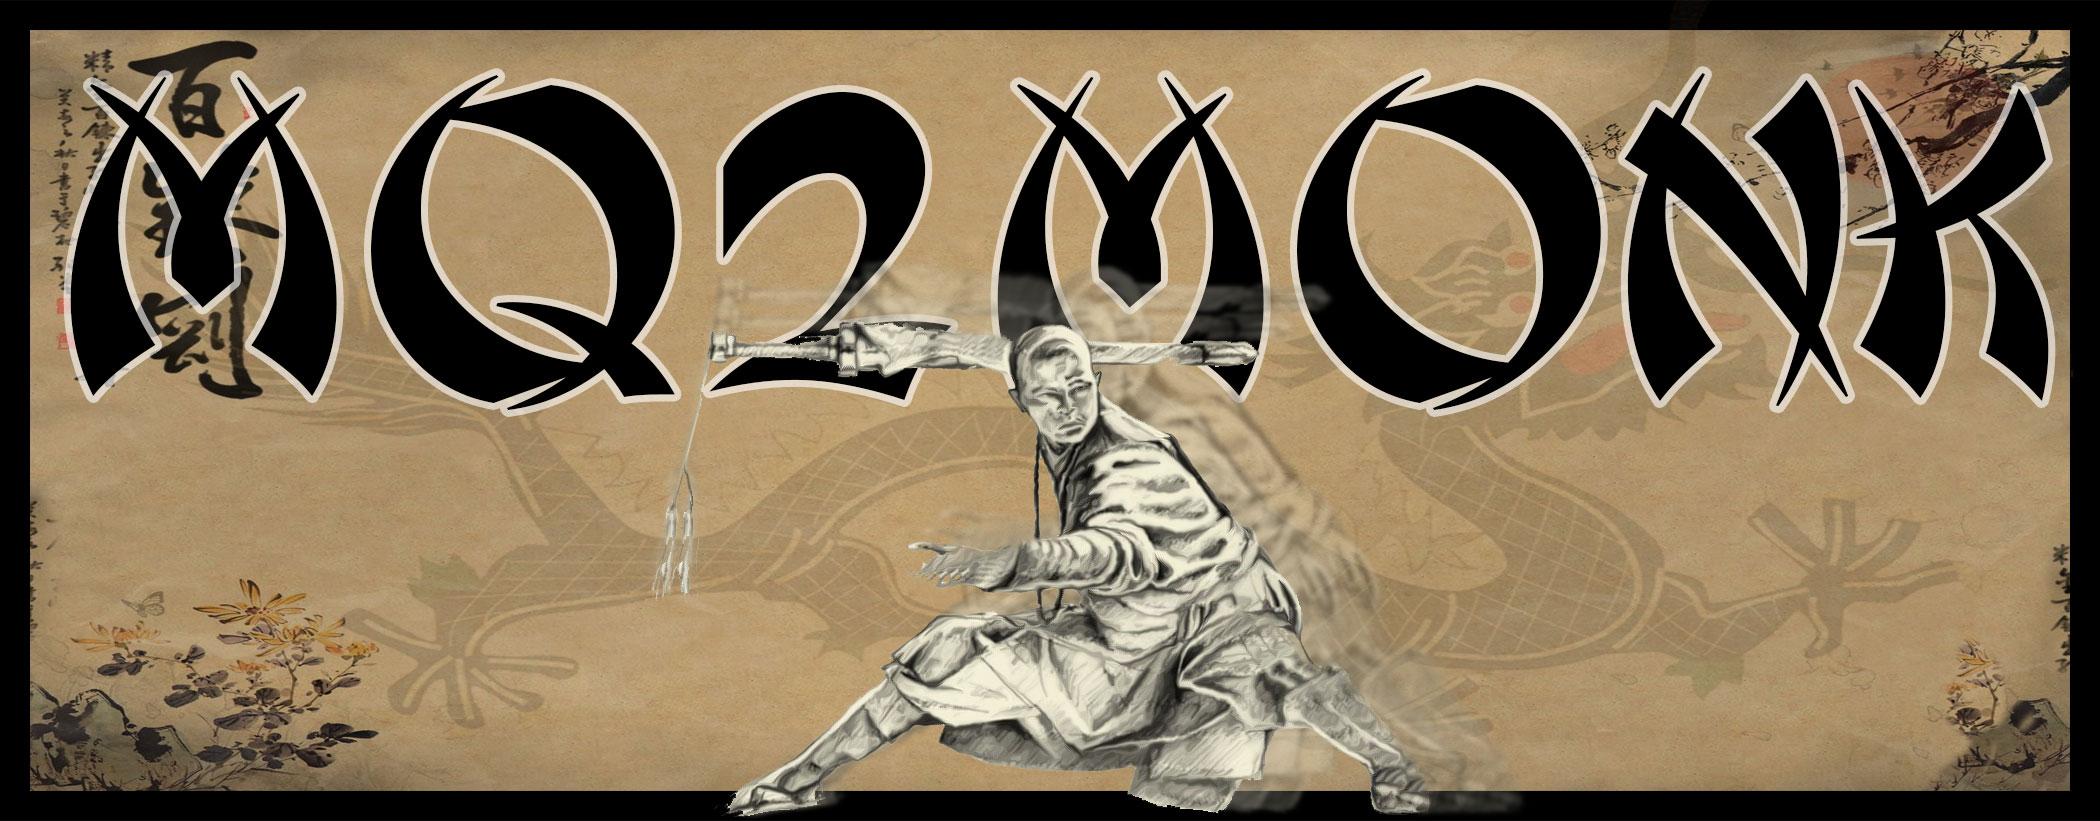 mq2 monk logo